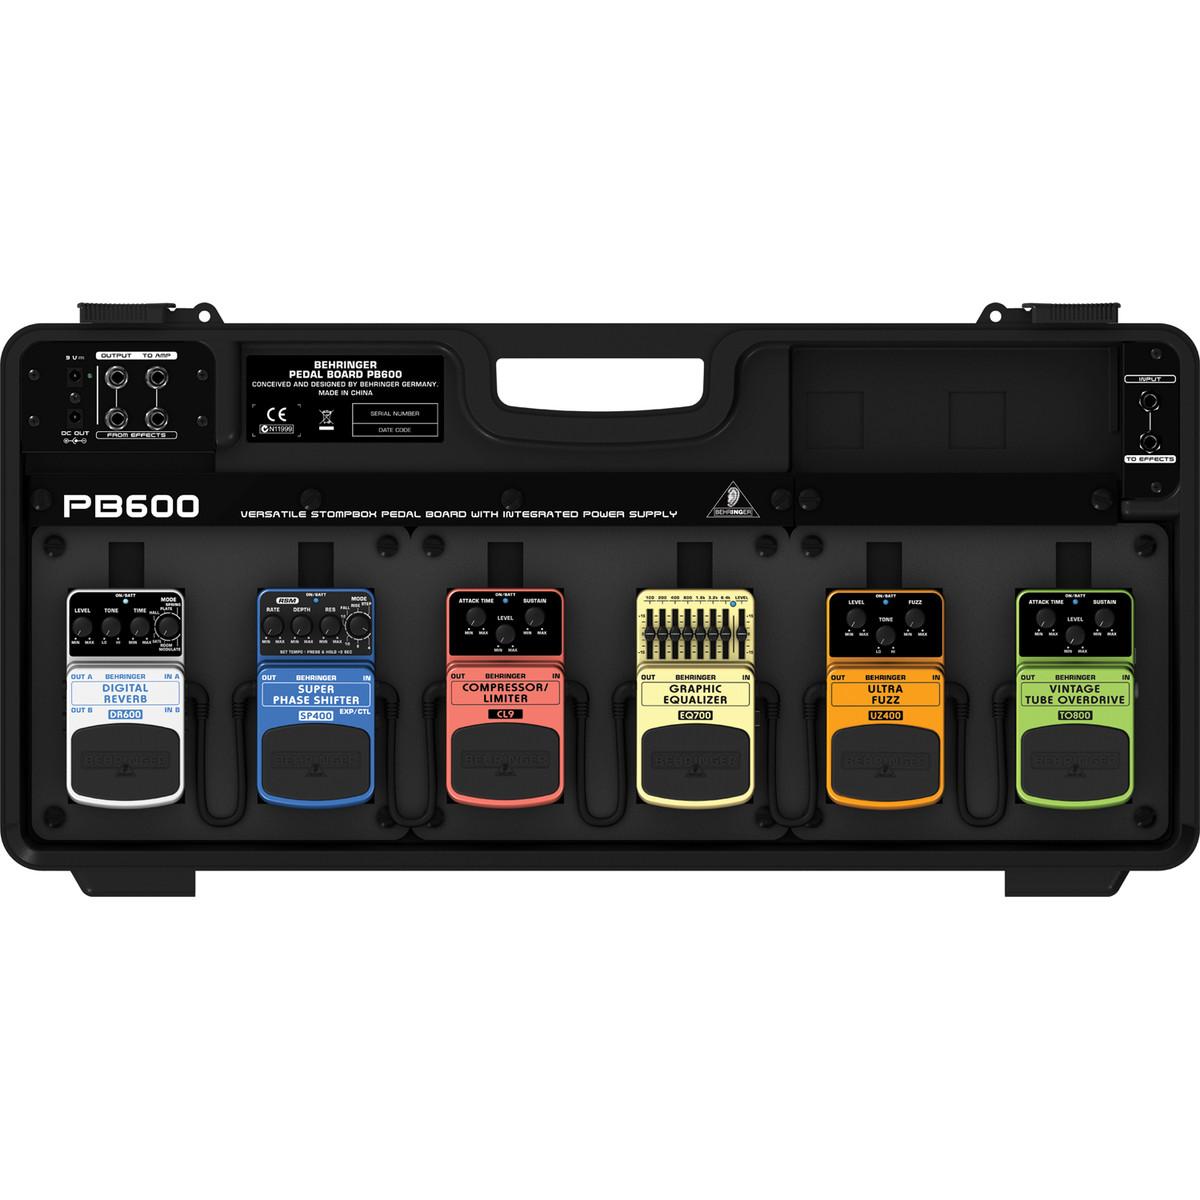 behringer pb600 pedal board with psu at. Black Bedroom Furniture Sets. Home Design Ideas